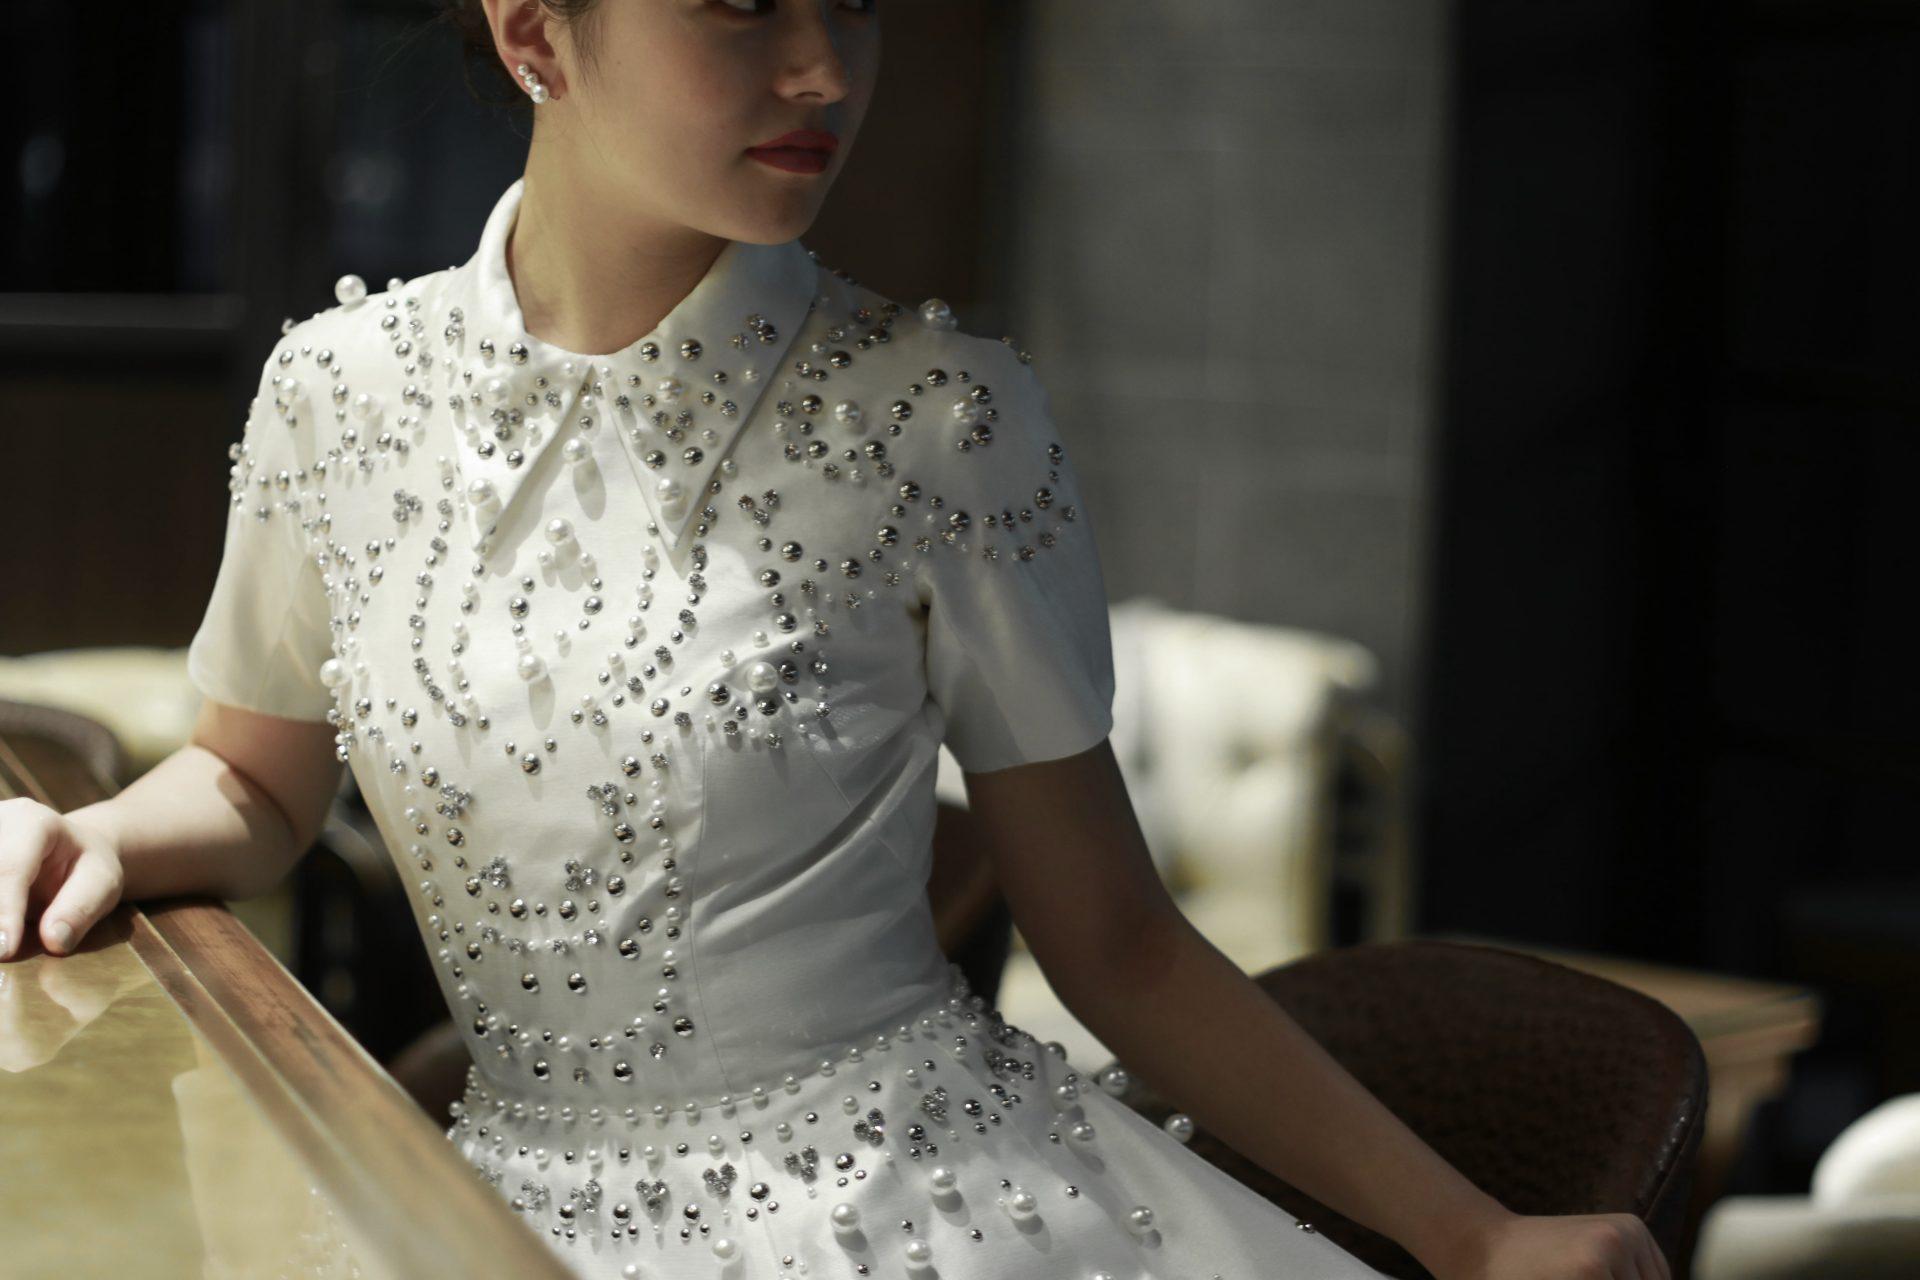 モードでスタイリッシュな花嫁様におすすめのヴィクター アンド ロルフ マリアージュのウェディングドレス